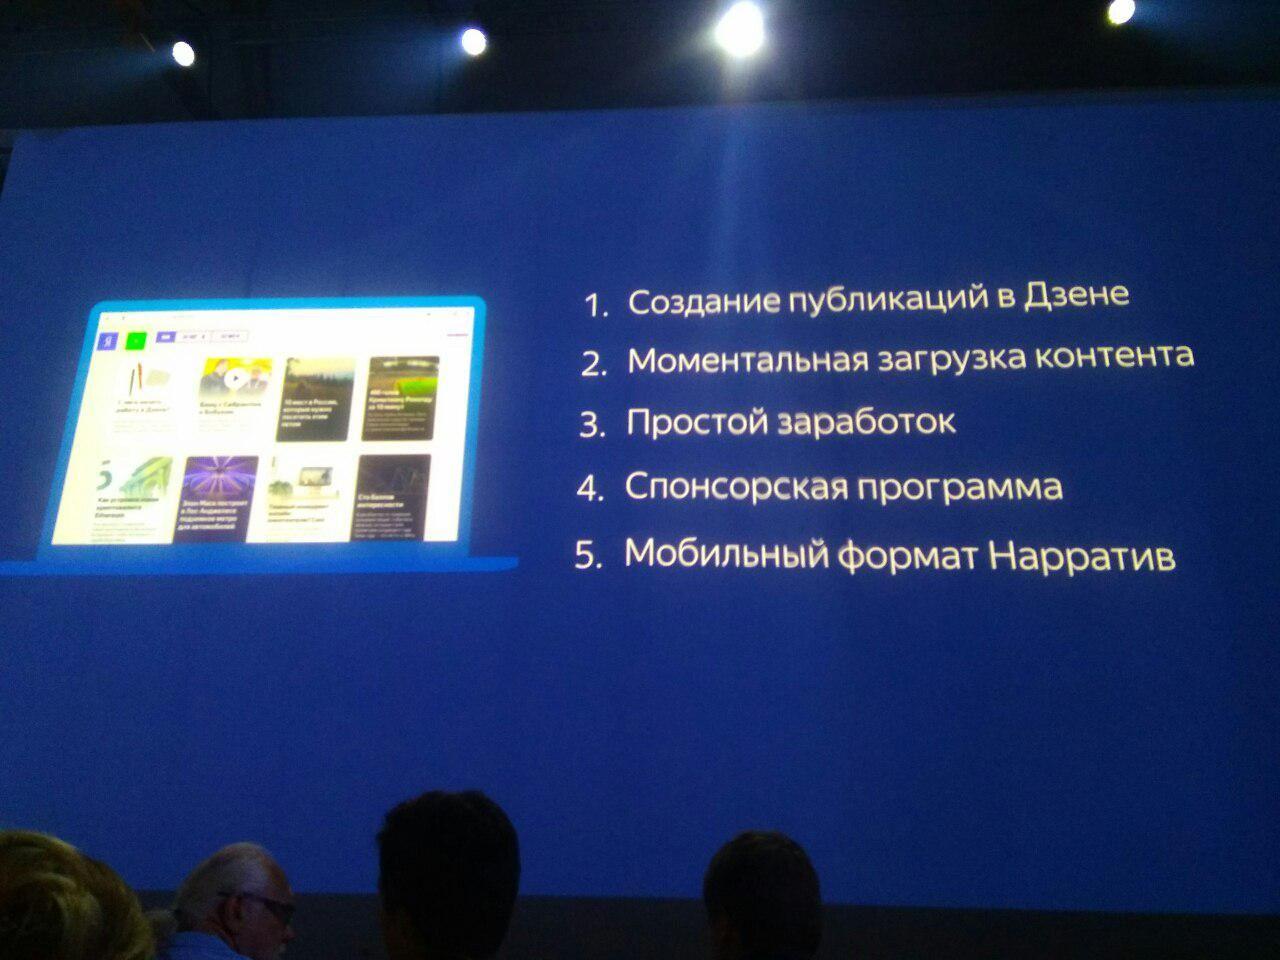 «Яндекс» предложил СМИ иблогерам публиковать материалы всервисе «Дзен»